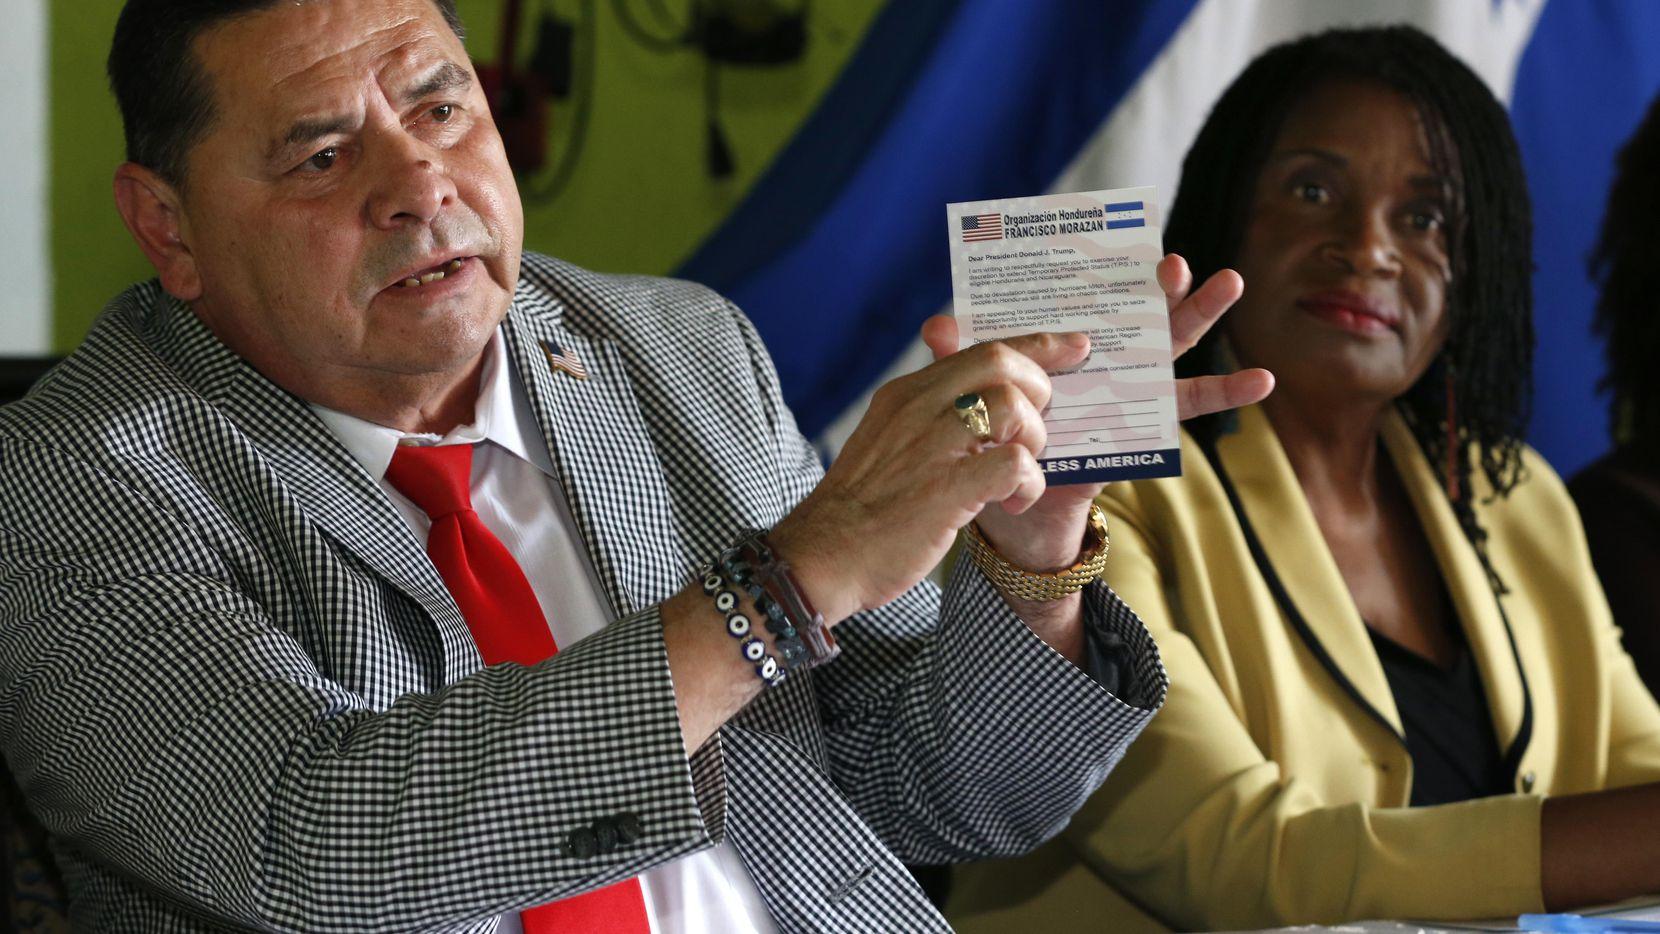 Francisco Portillo, líder del Movimiento Hondureño Francisco Morazán, izquierda, sostiene una postal dirigida a Donald Trump para pedirle que extienda el beneficio del TPS, que protege a cientos de miles de centroamericanos y haitianos. Junto con él, Marleine Bastien, derecha, directora ejecutiva de Haitian Women of Miami (FANM), da una conferencia de prensa en Miami, Florida, el miércoles 7 de junio de 2017. (AP/WILFREDO LEE)